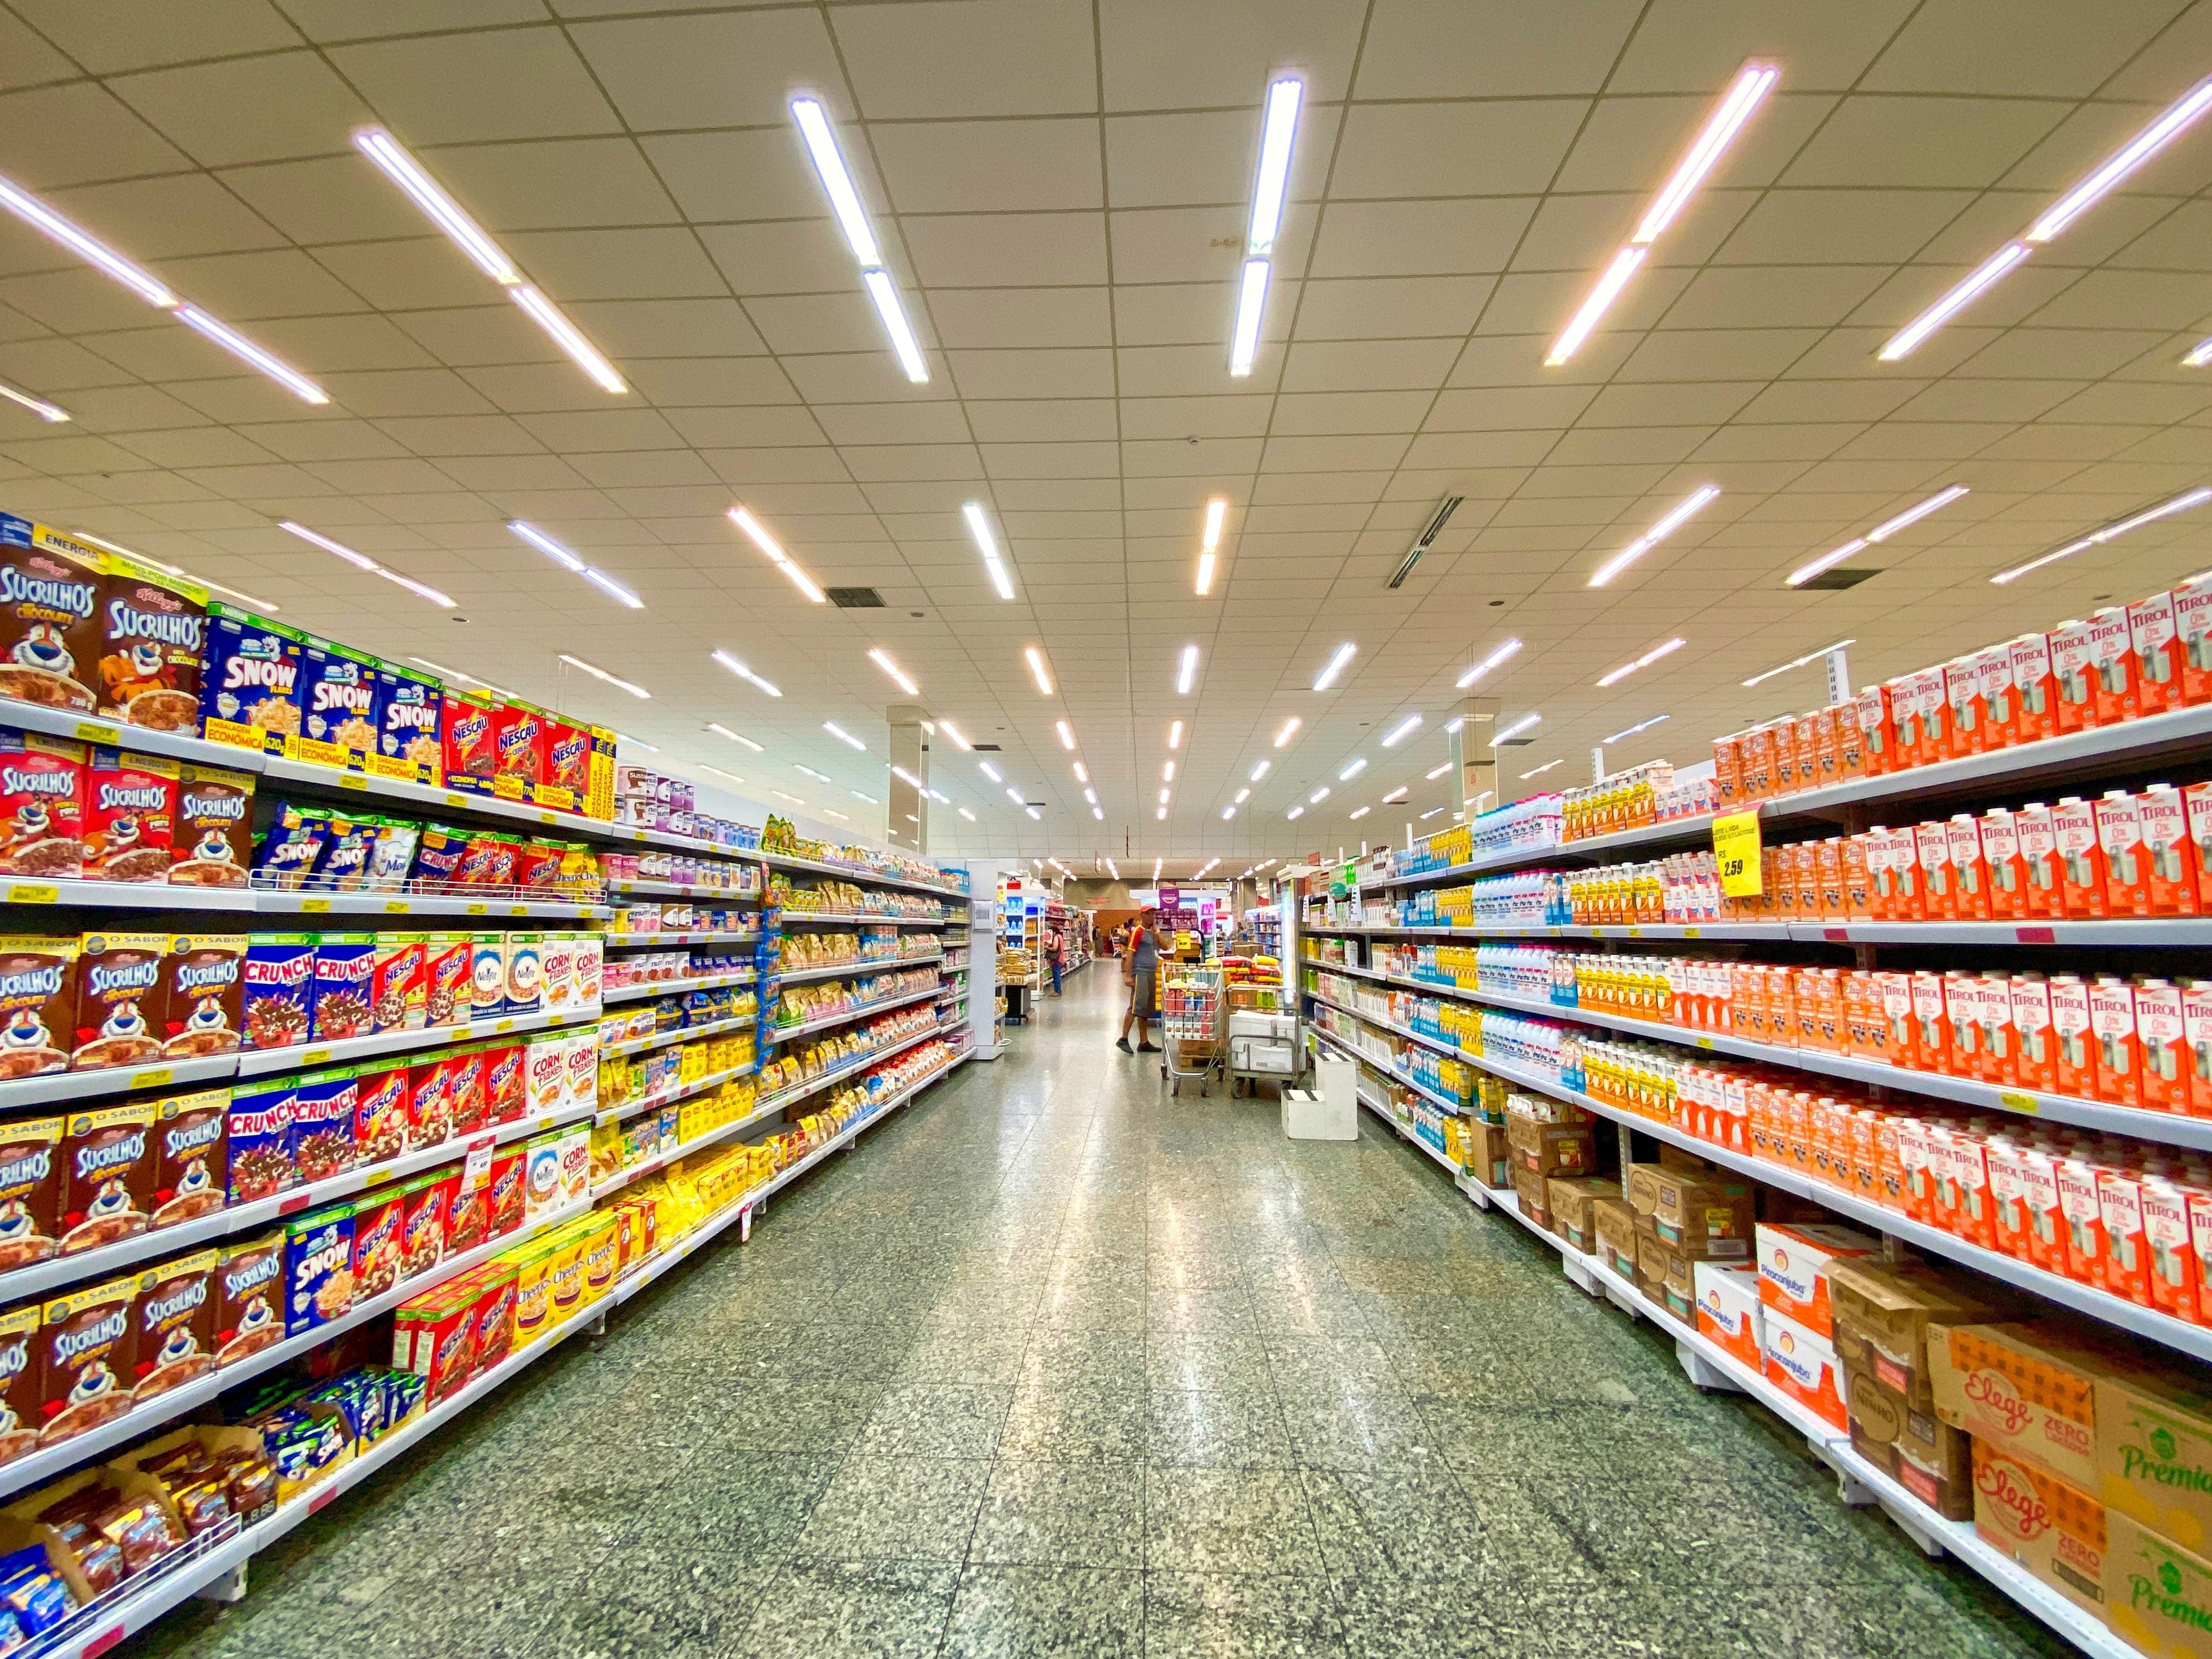 Desengáñate: la mayor parte de los productos que hay en el super NO son alimentos